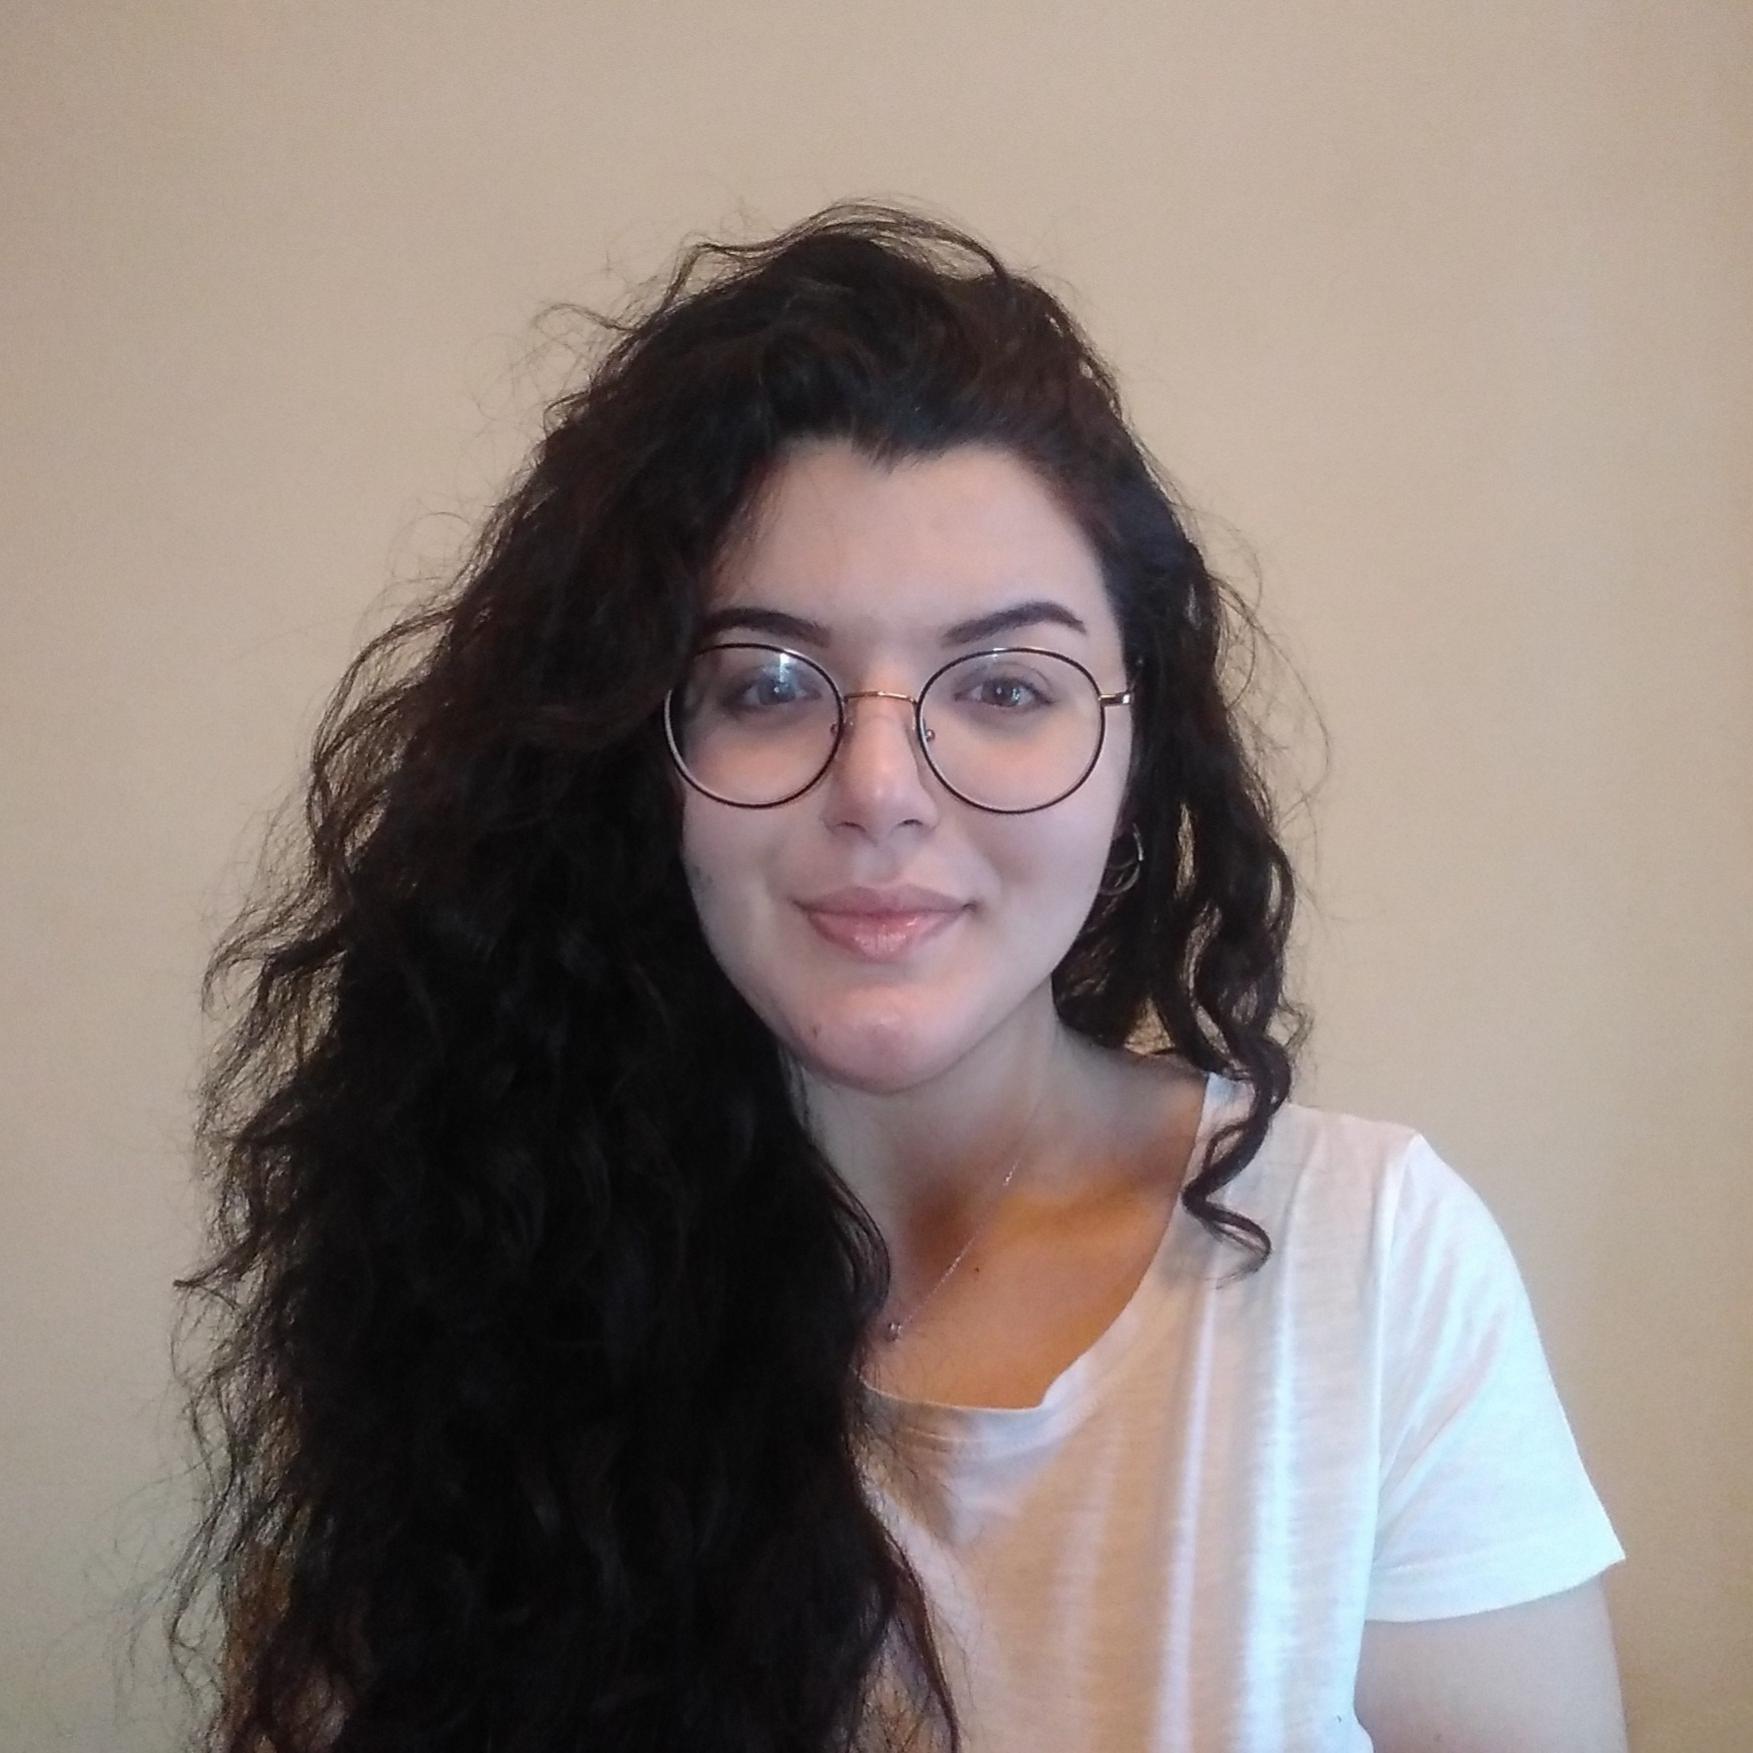 Βαλεντίνα Ορφανού